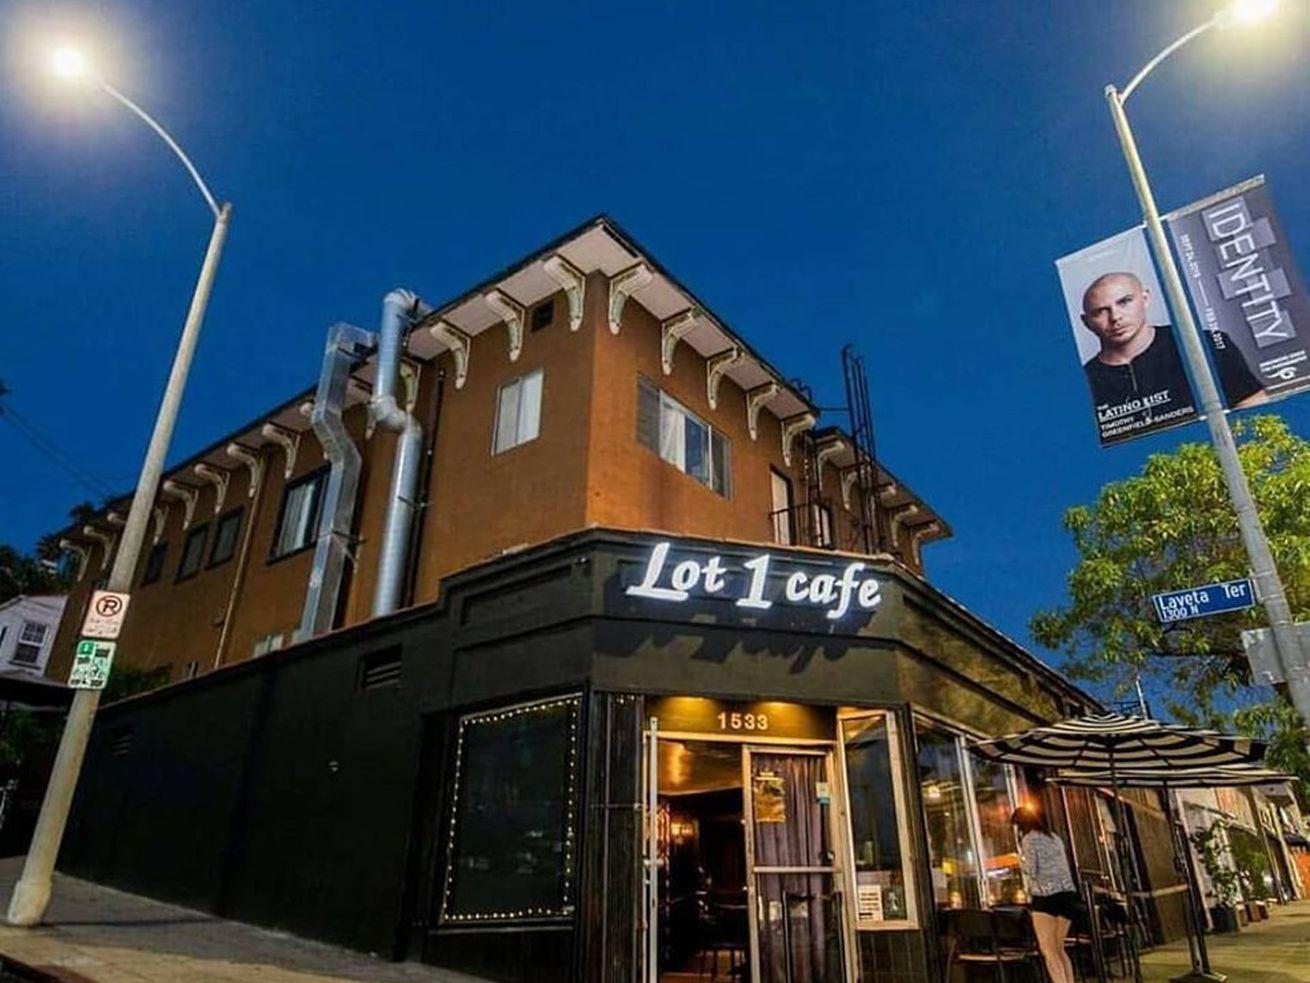 Lot 1 Cafe